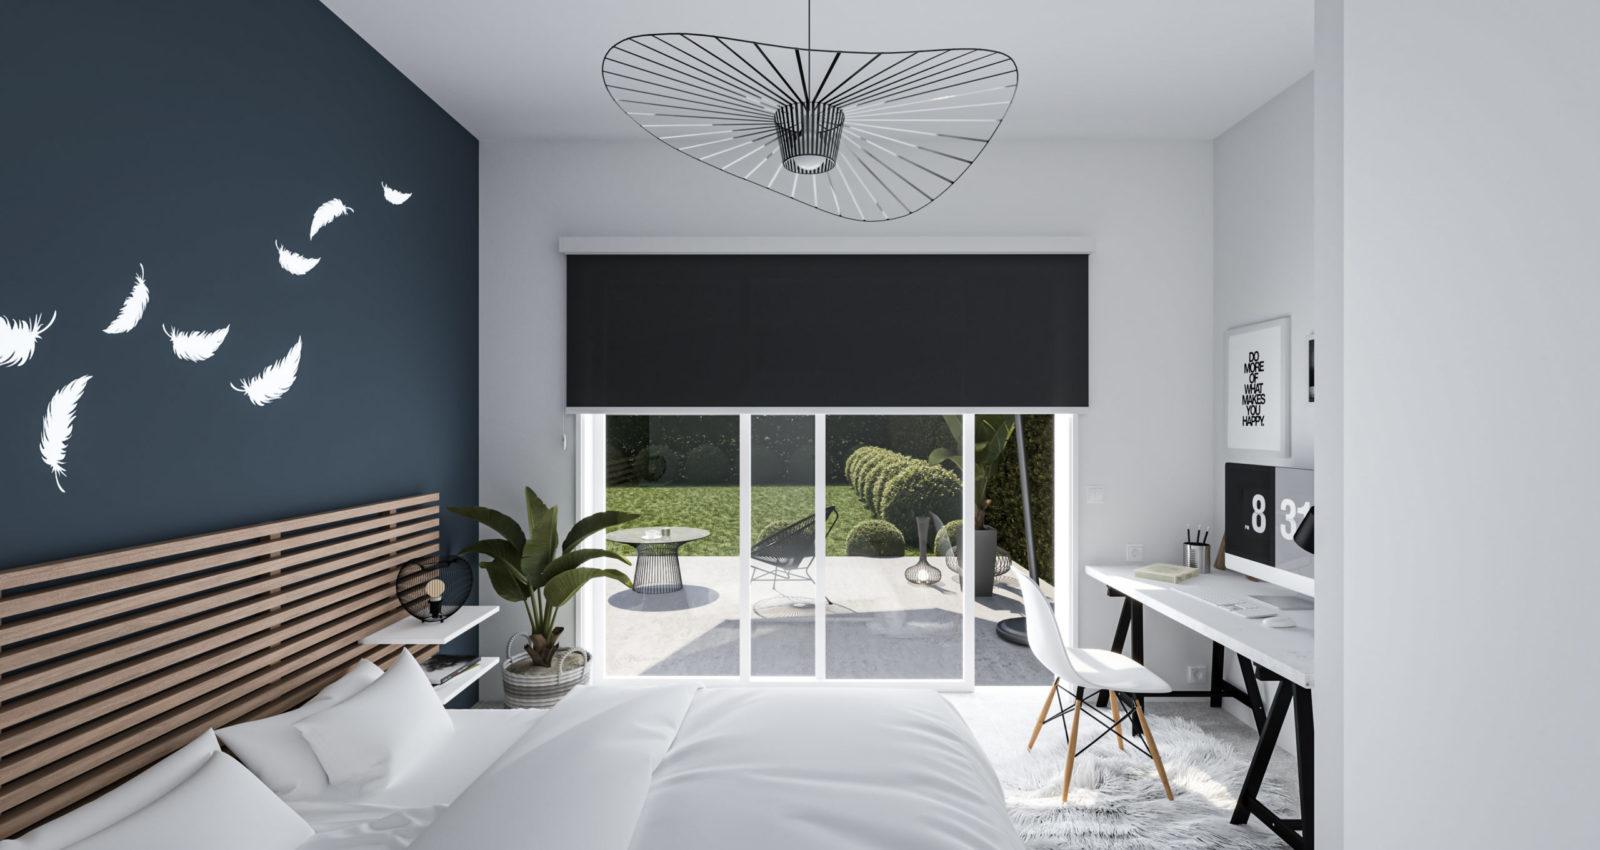 interior bedroom cam 3 pp lr